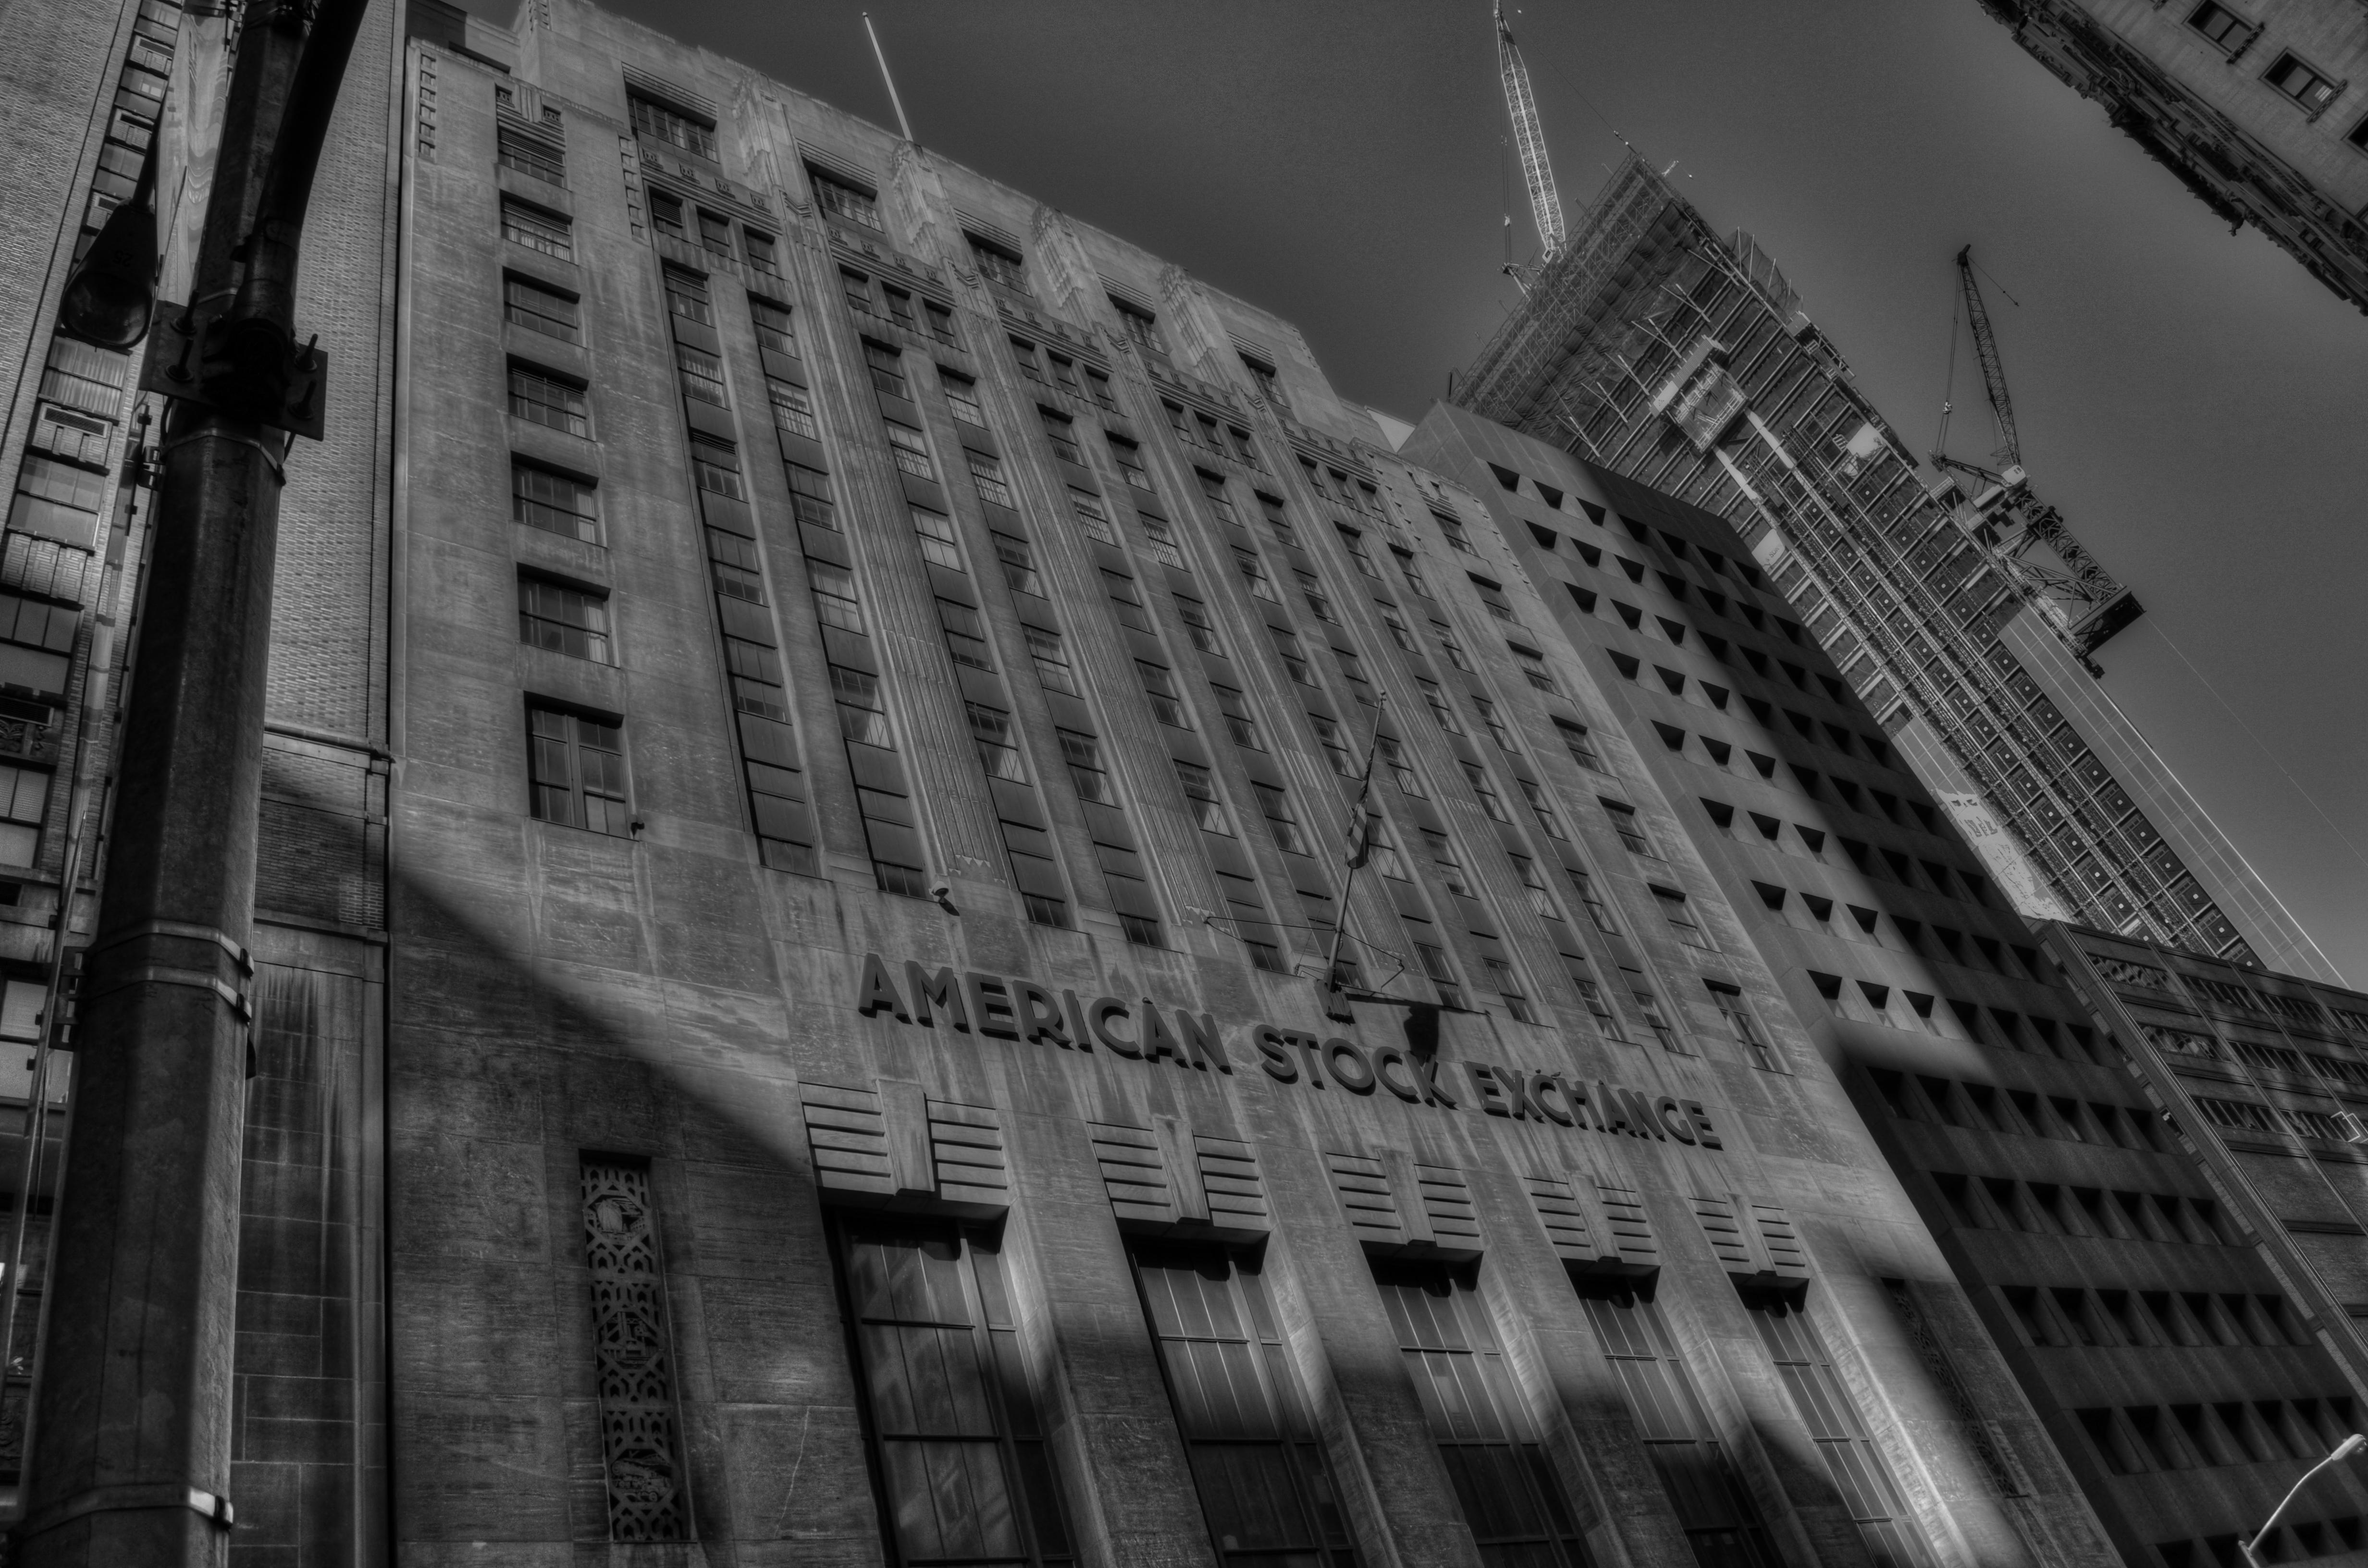 American Stock Exchange Thenormaleye